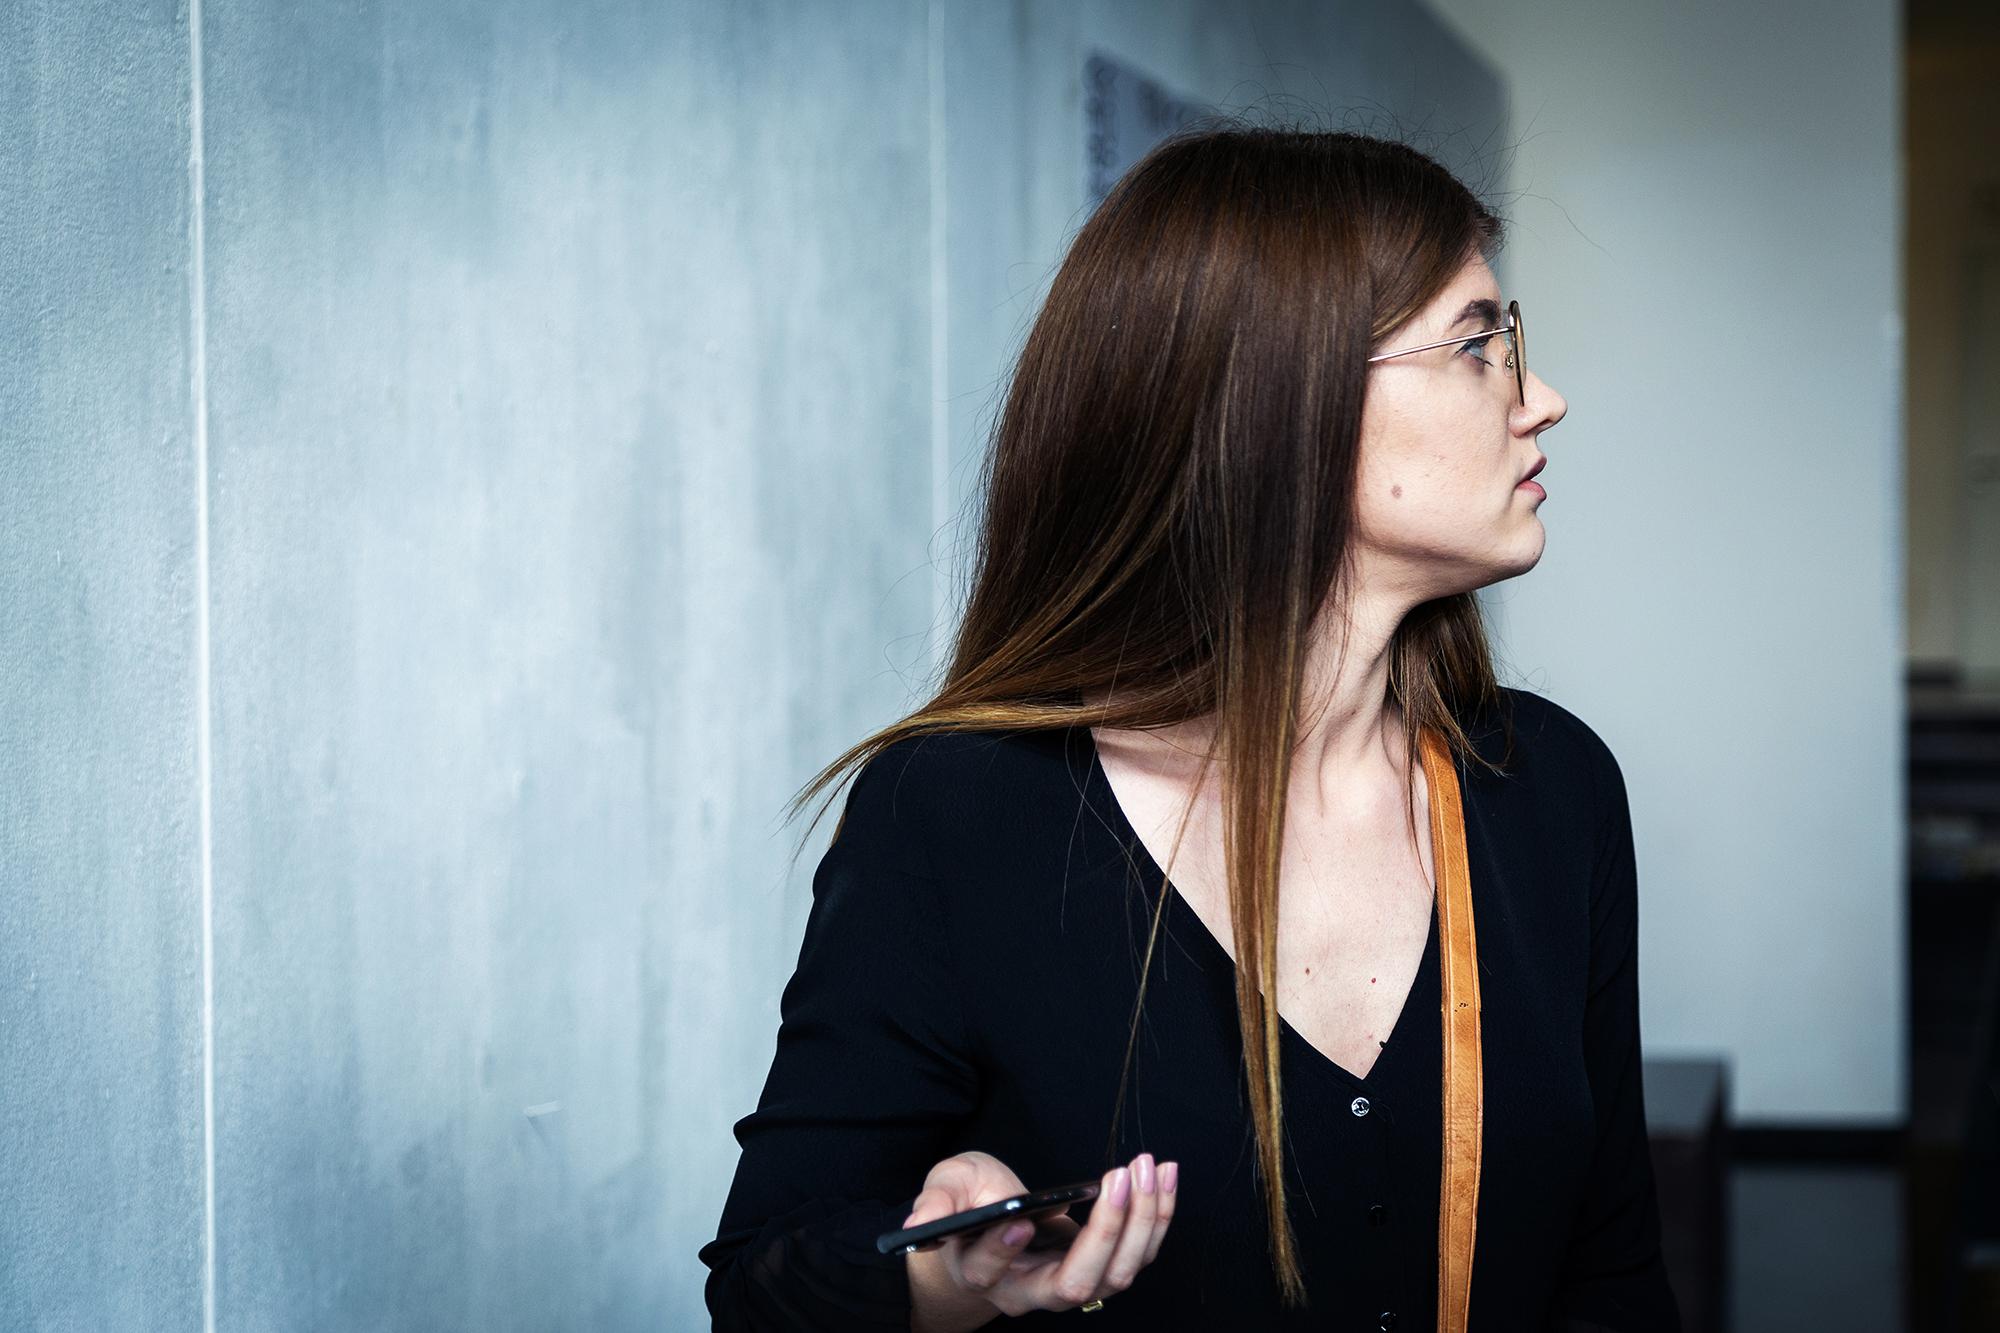 Eine Frau mit Smartphone in der Hand schaut sich verwirrt um.